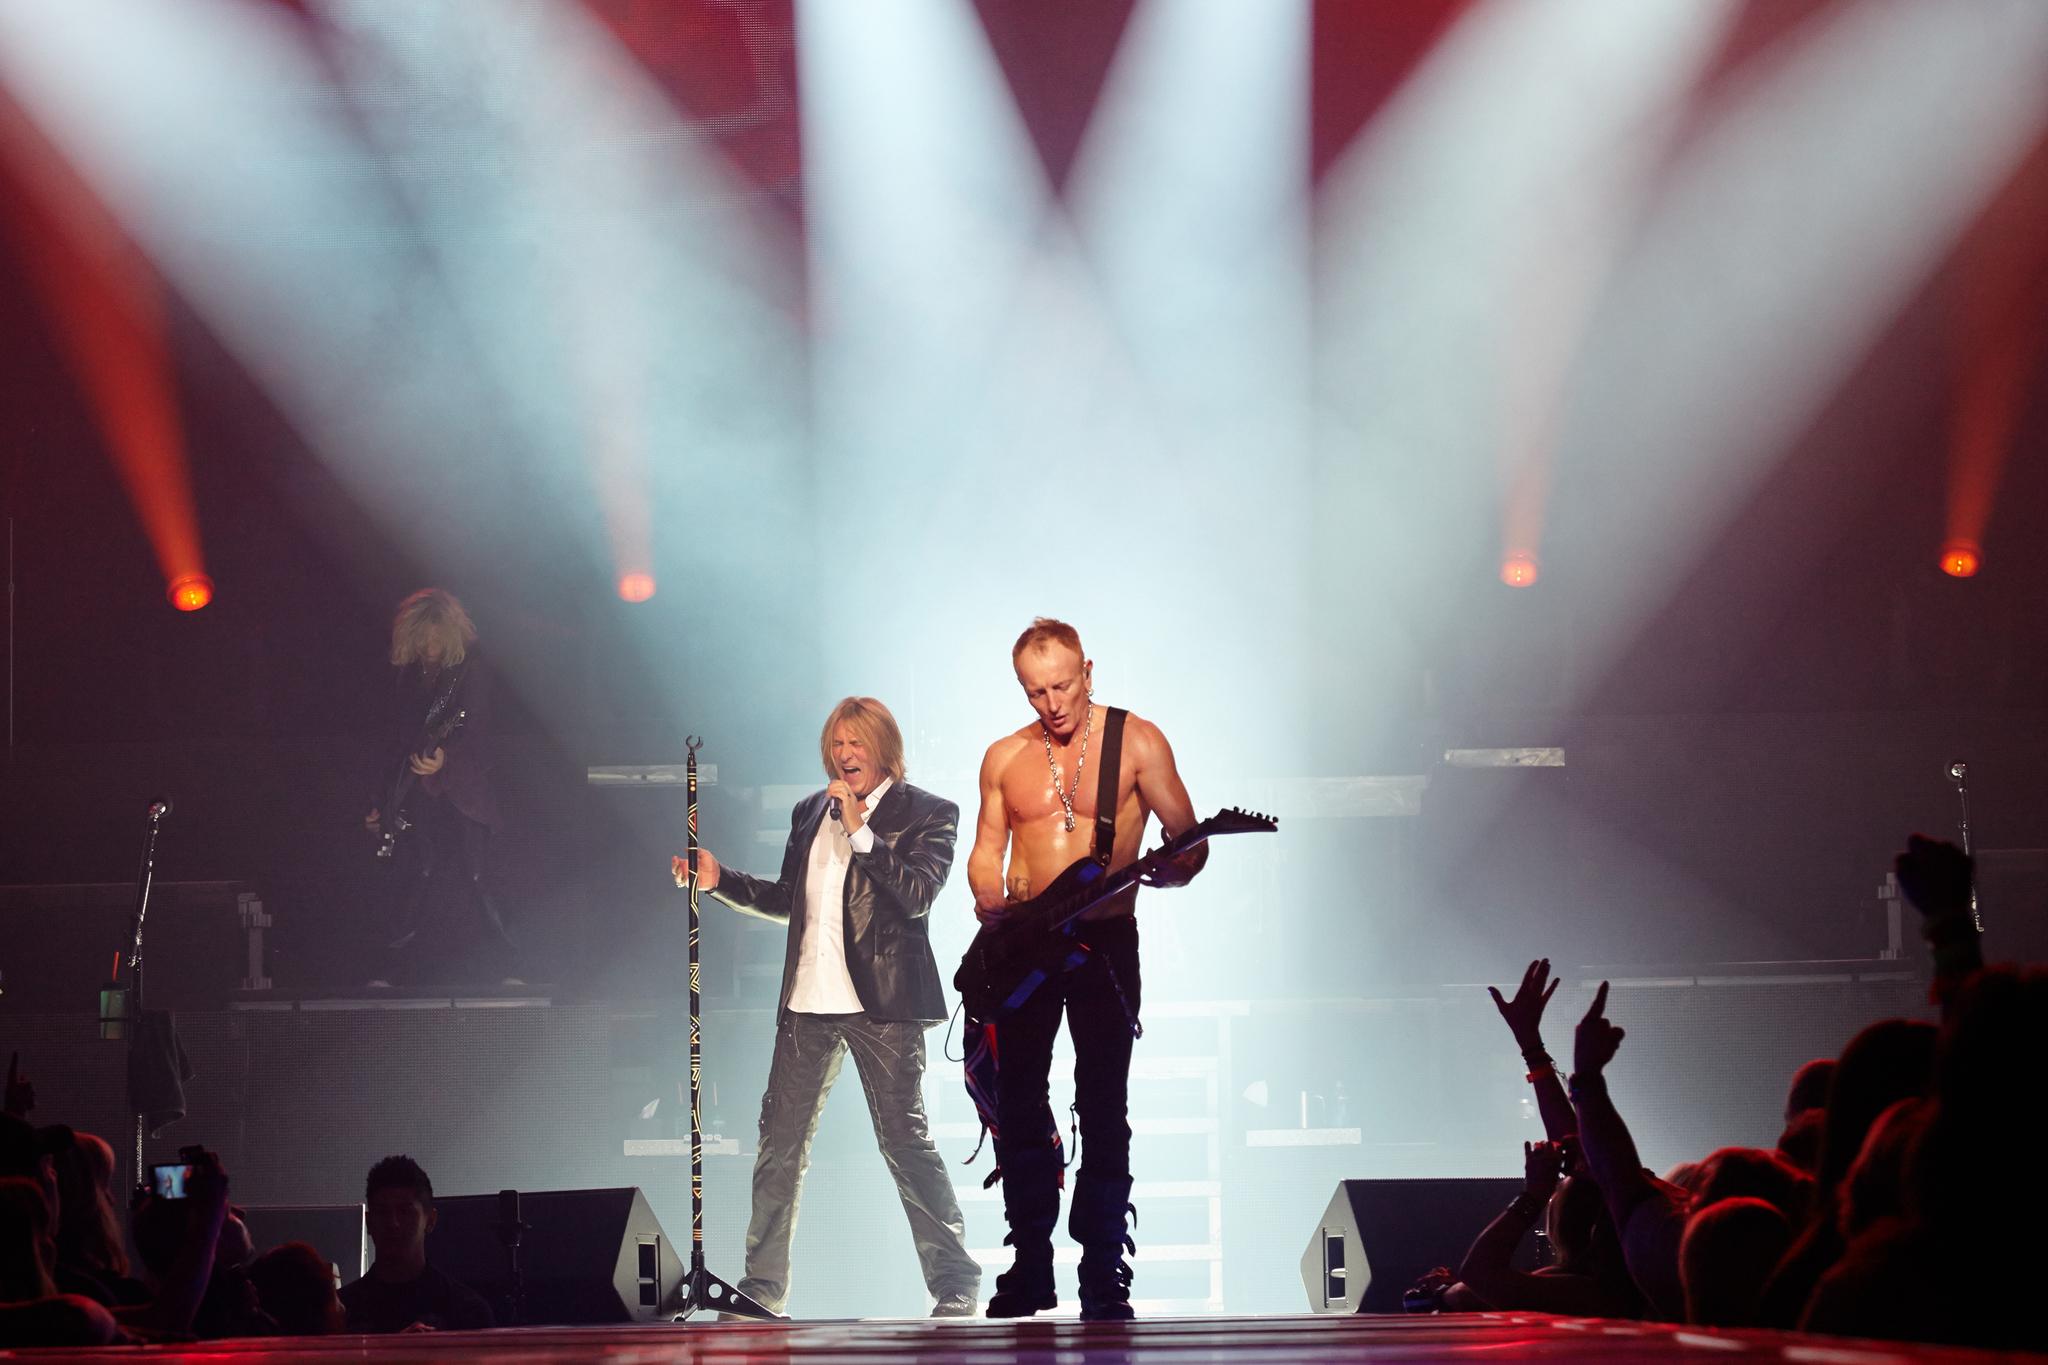 Still of Joe Elliott and Phil Collen in Def Leppard Viva! Hysteria Concert (2013)